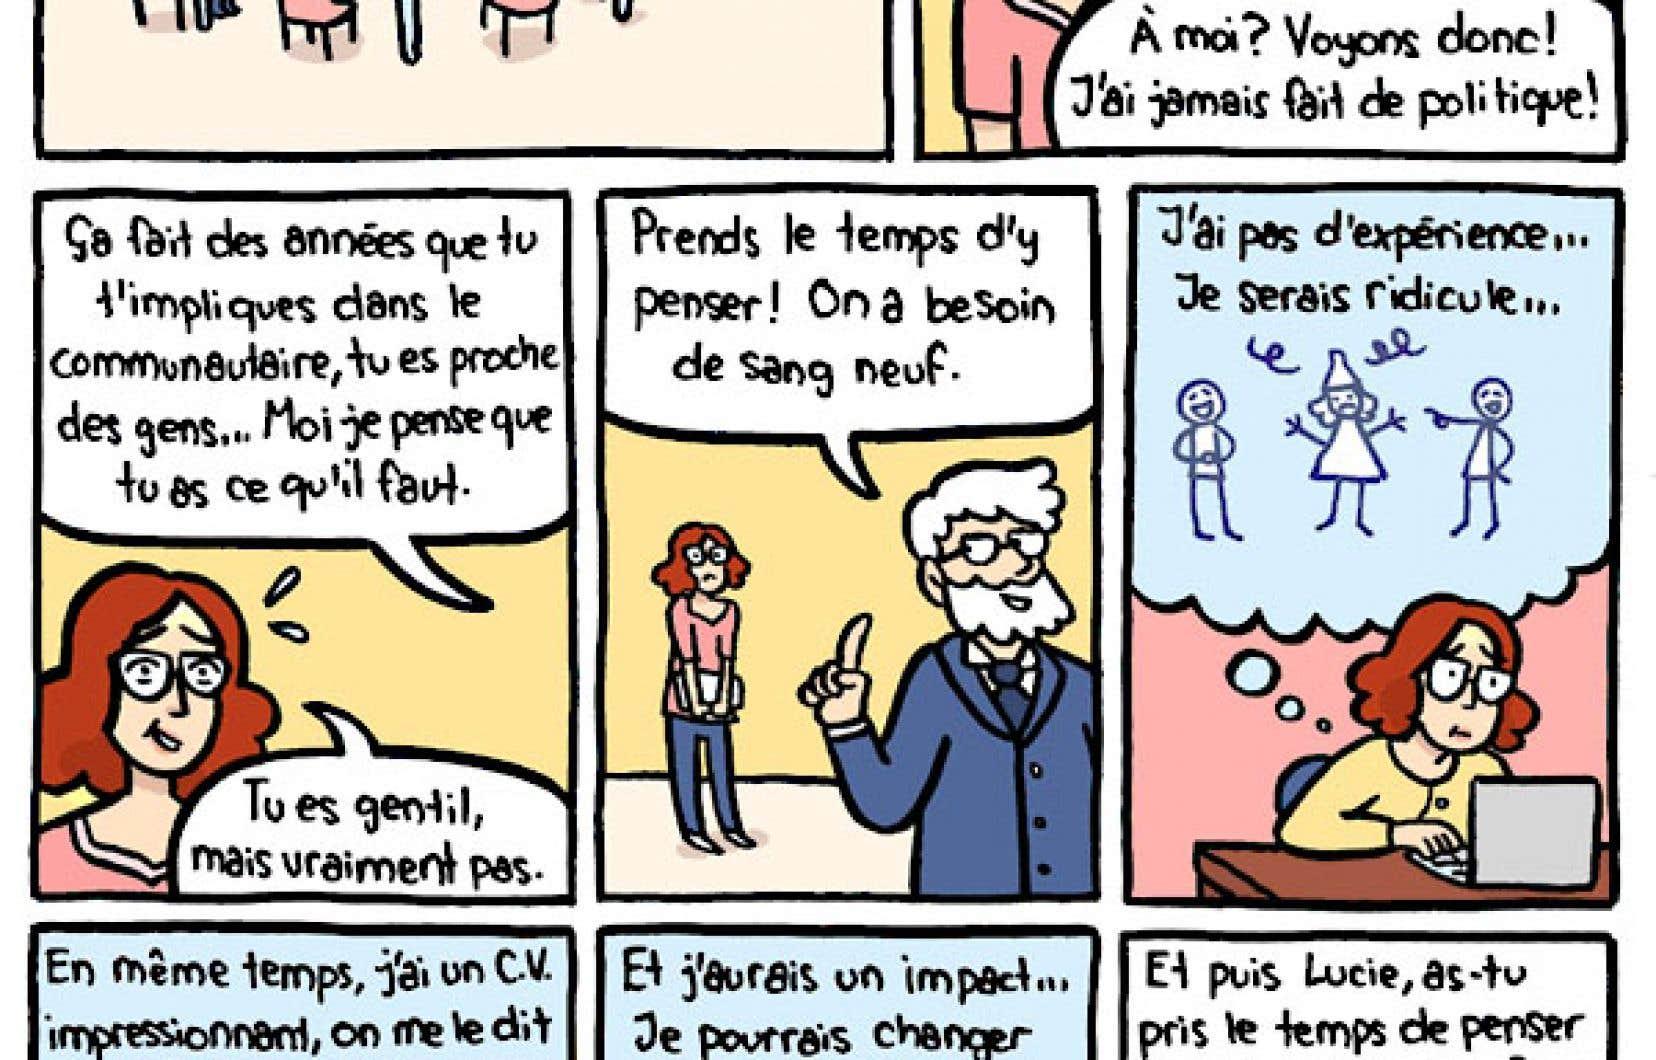 Extrait de la bande dessinée publiée par l'Union des municipalités du Québec à l'occasion de la Journée internationale des femmes.